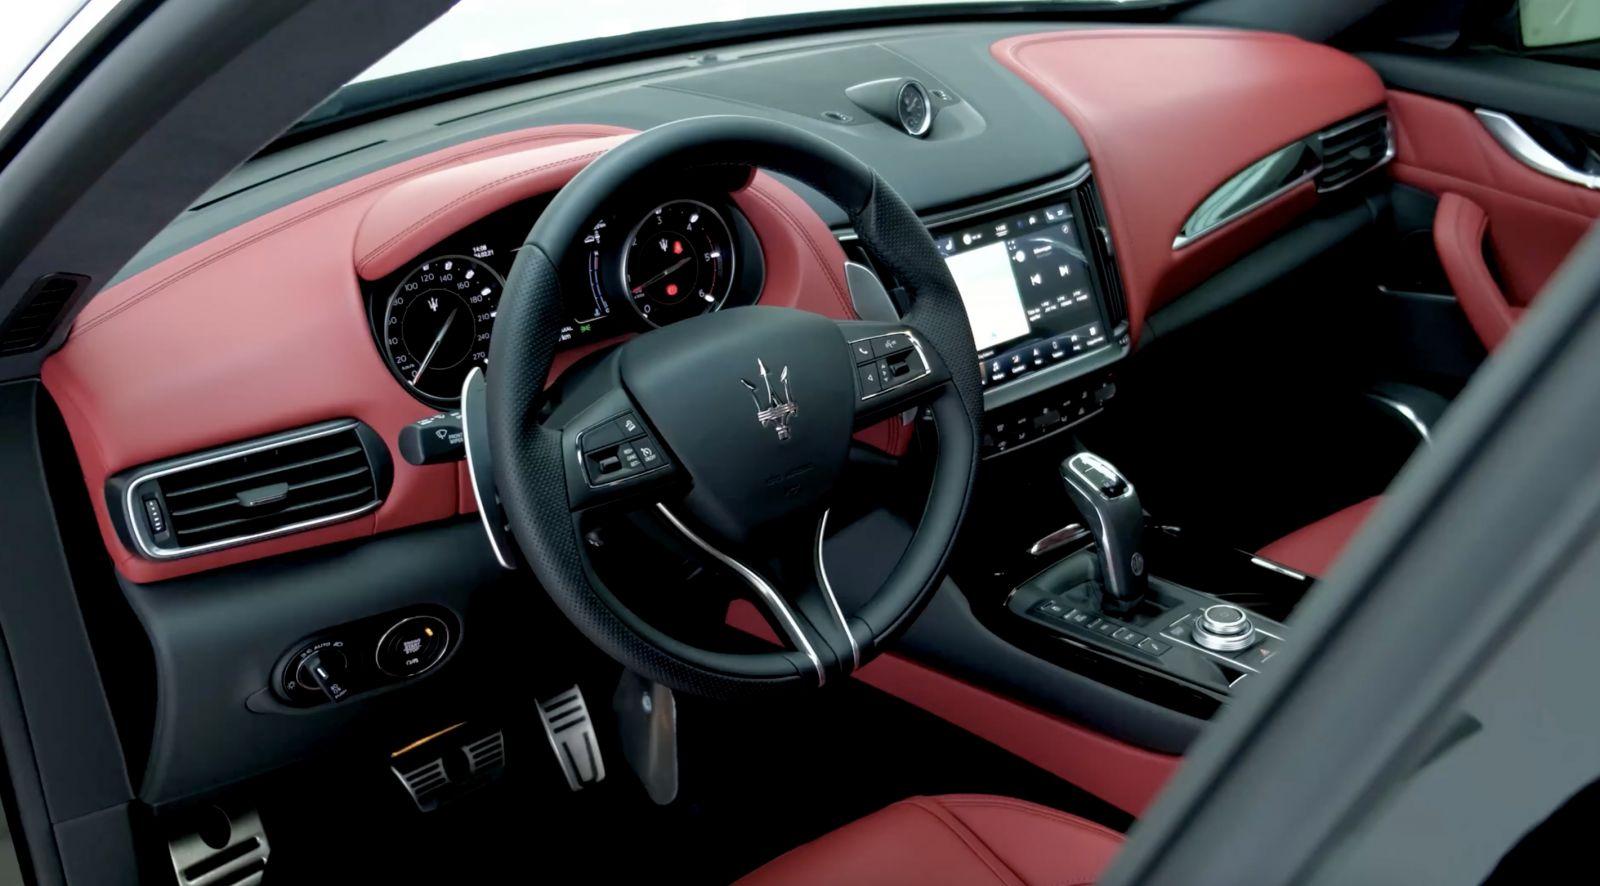 Nội thất, màu đỏ, Maserati Levante, Maserati Levante 2021 - 2022 Có Gì Mới, Giá Bán Bao Nhiêu , Phiên bản sport, màu đen cực đẹp ở video,